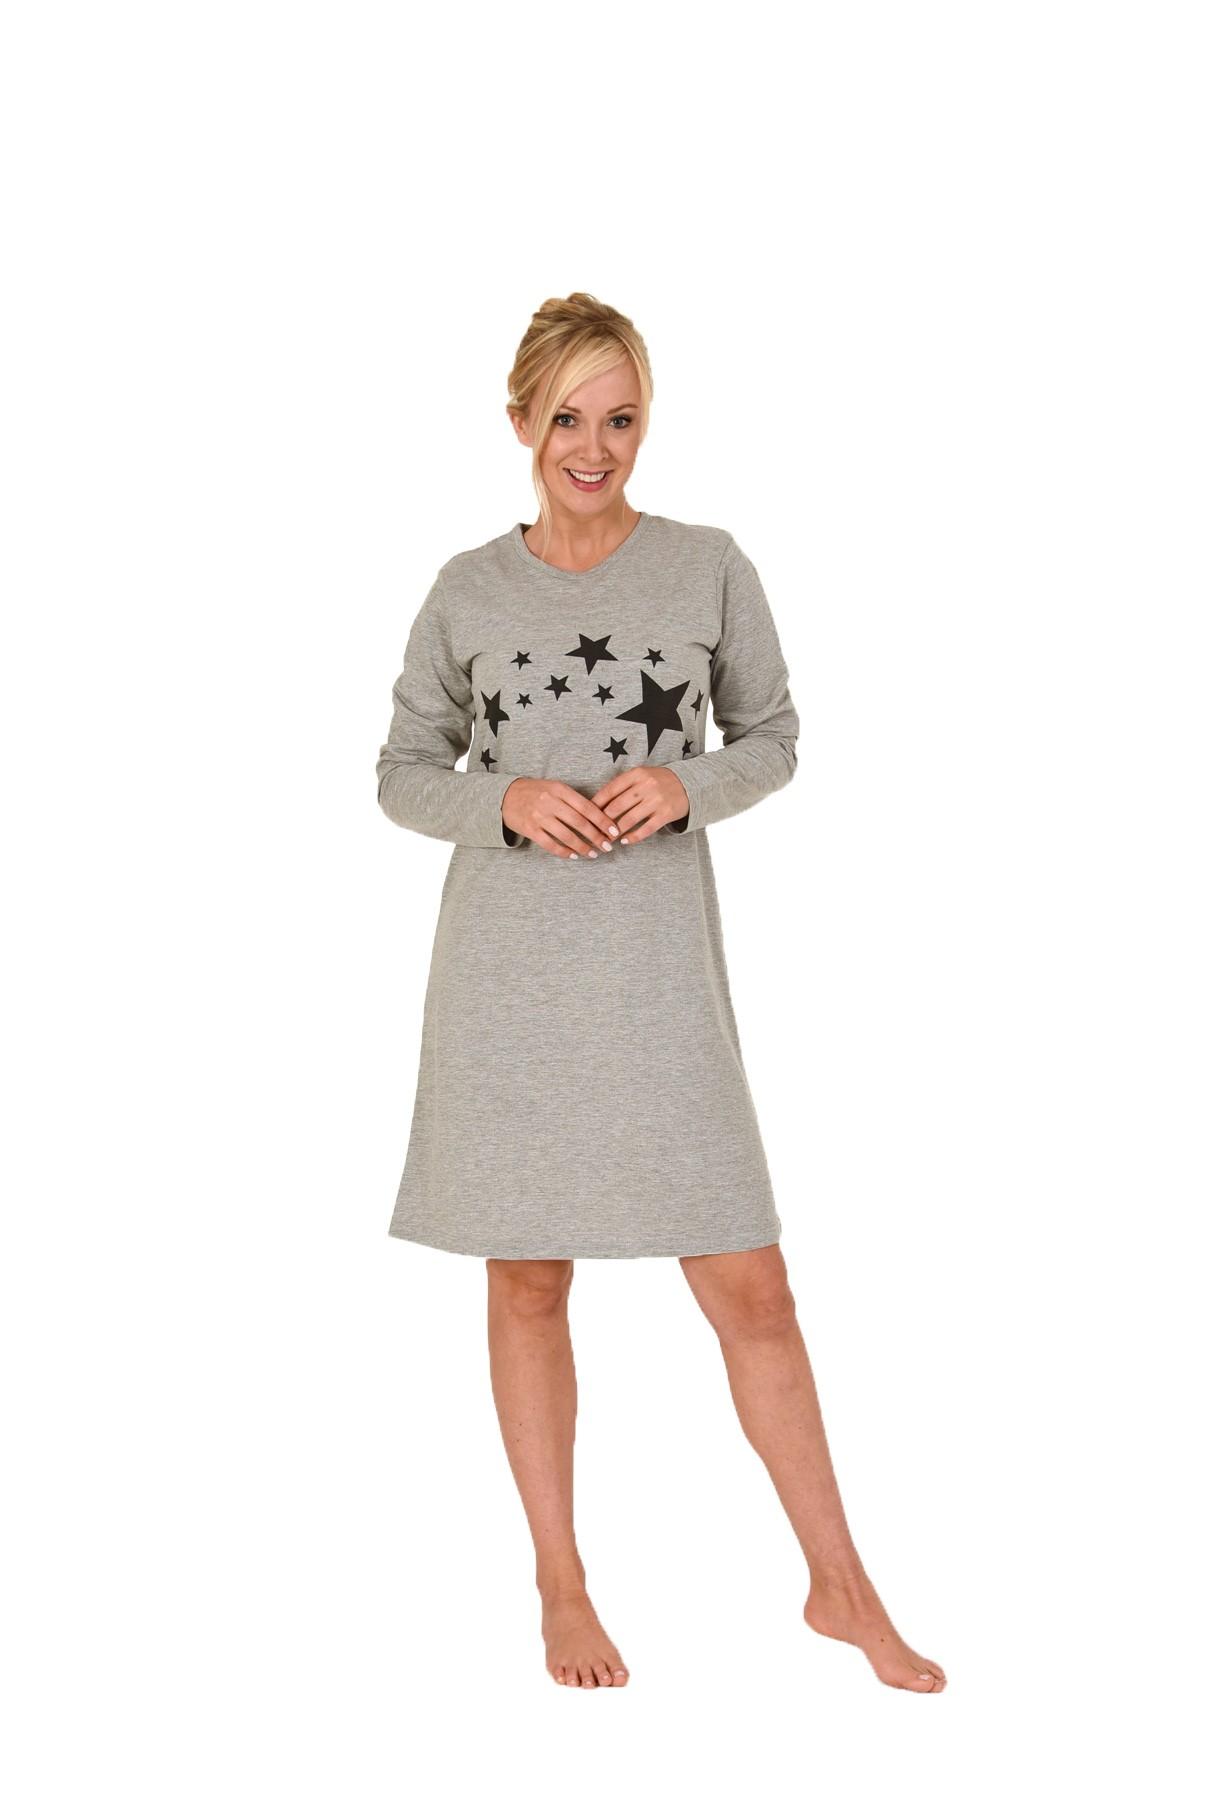 Damen Frottee Nachthemd langarm Bigshirt mit Sternehnmotiv – 58404 – Bild 2